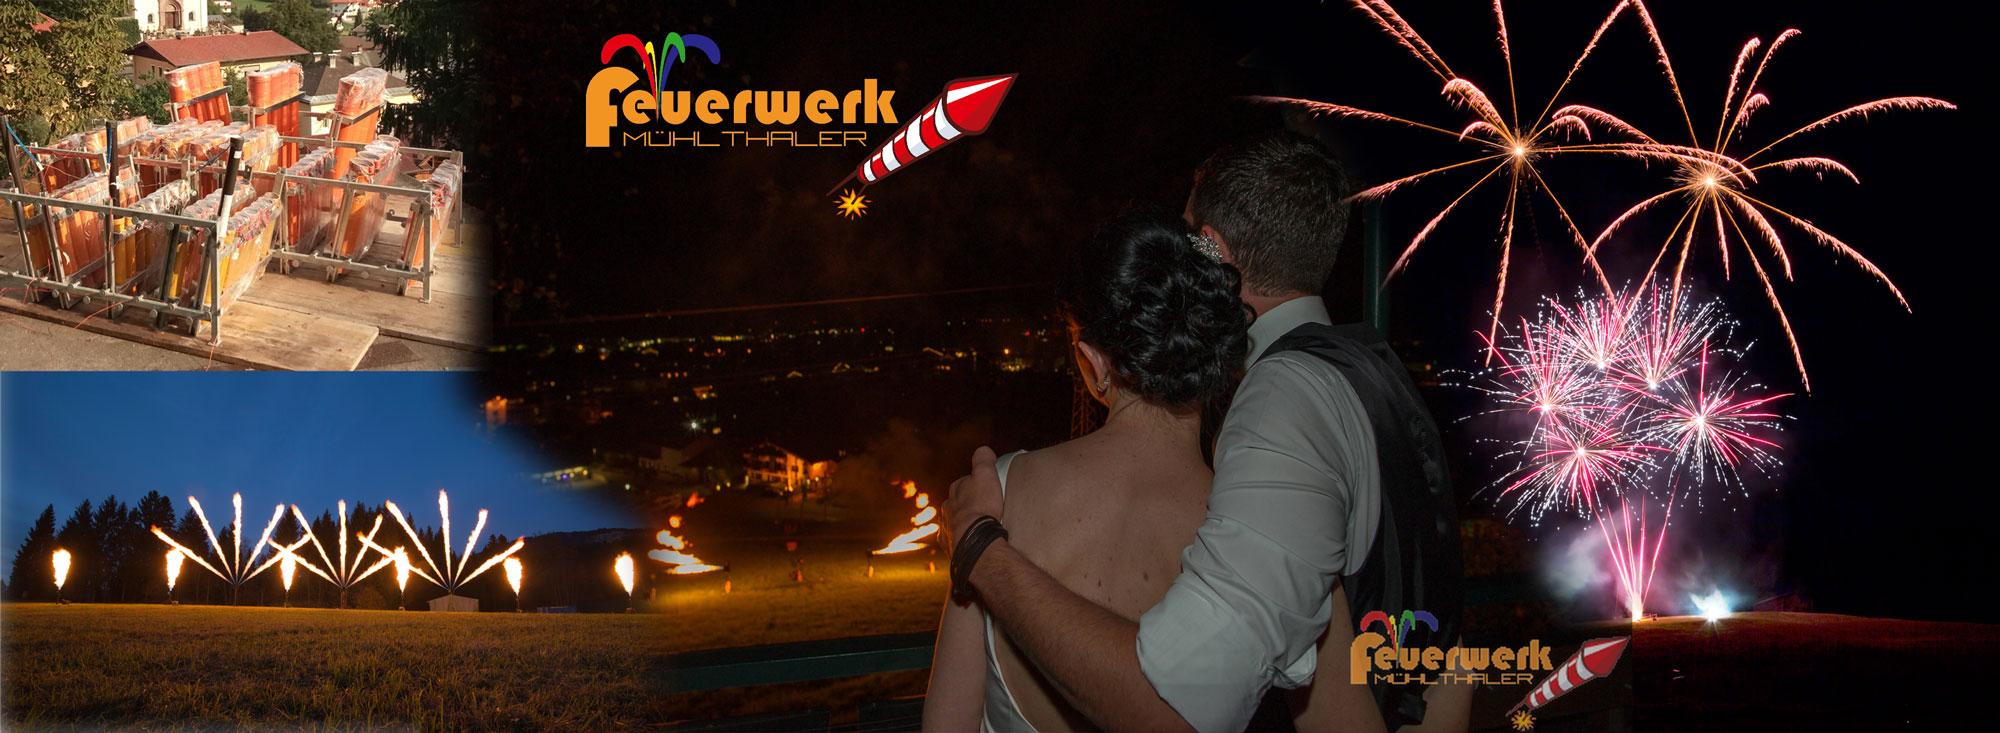 Feuerwerk Mühlthaler